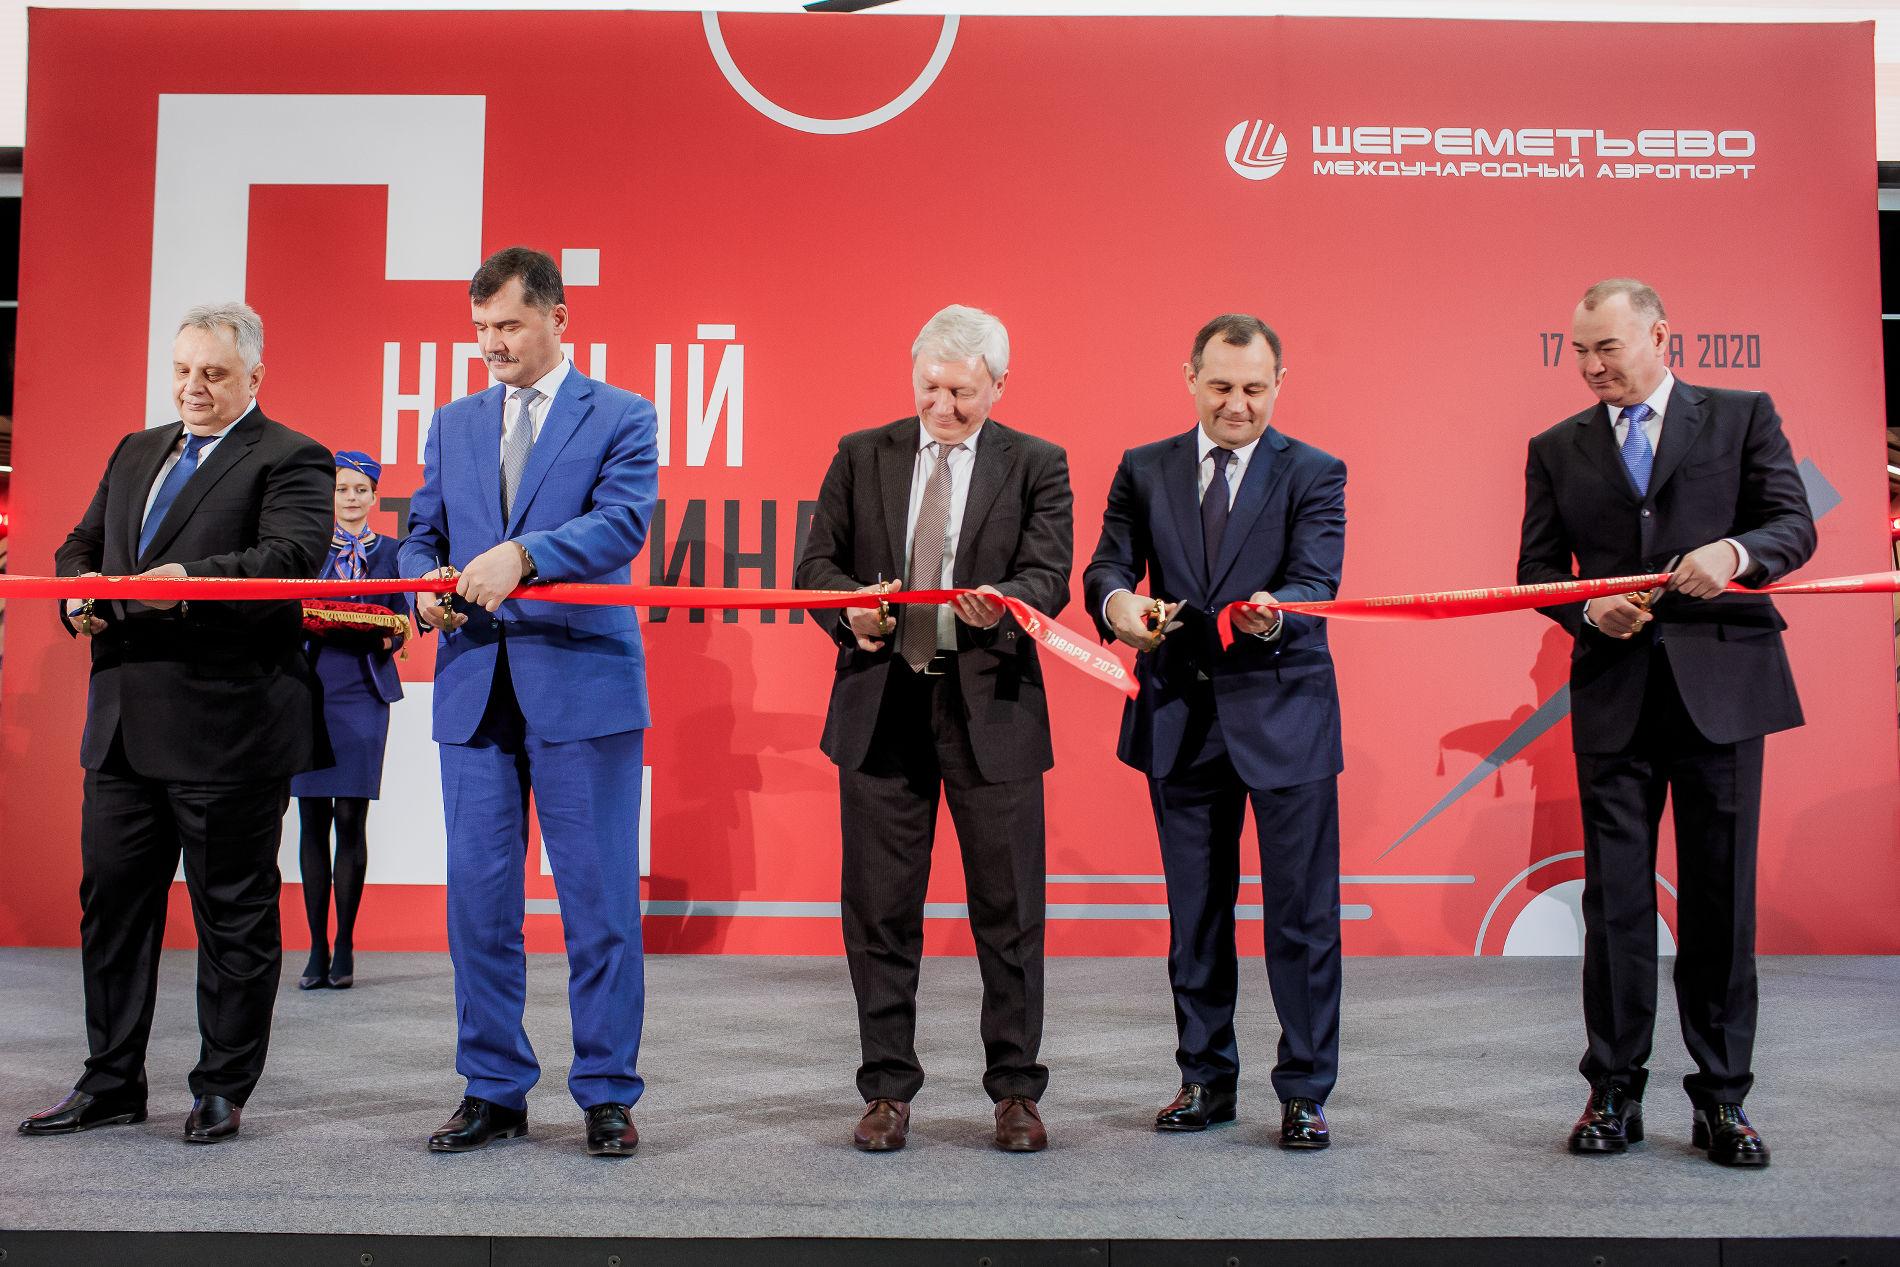 Александр Пономаренко(крайний справа)на открытии терминала С ©Изображение предоставлено пресс-службой АО «Международный аэропорт Шереметьево»